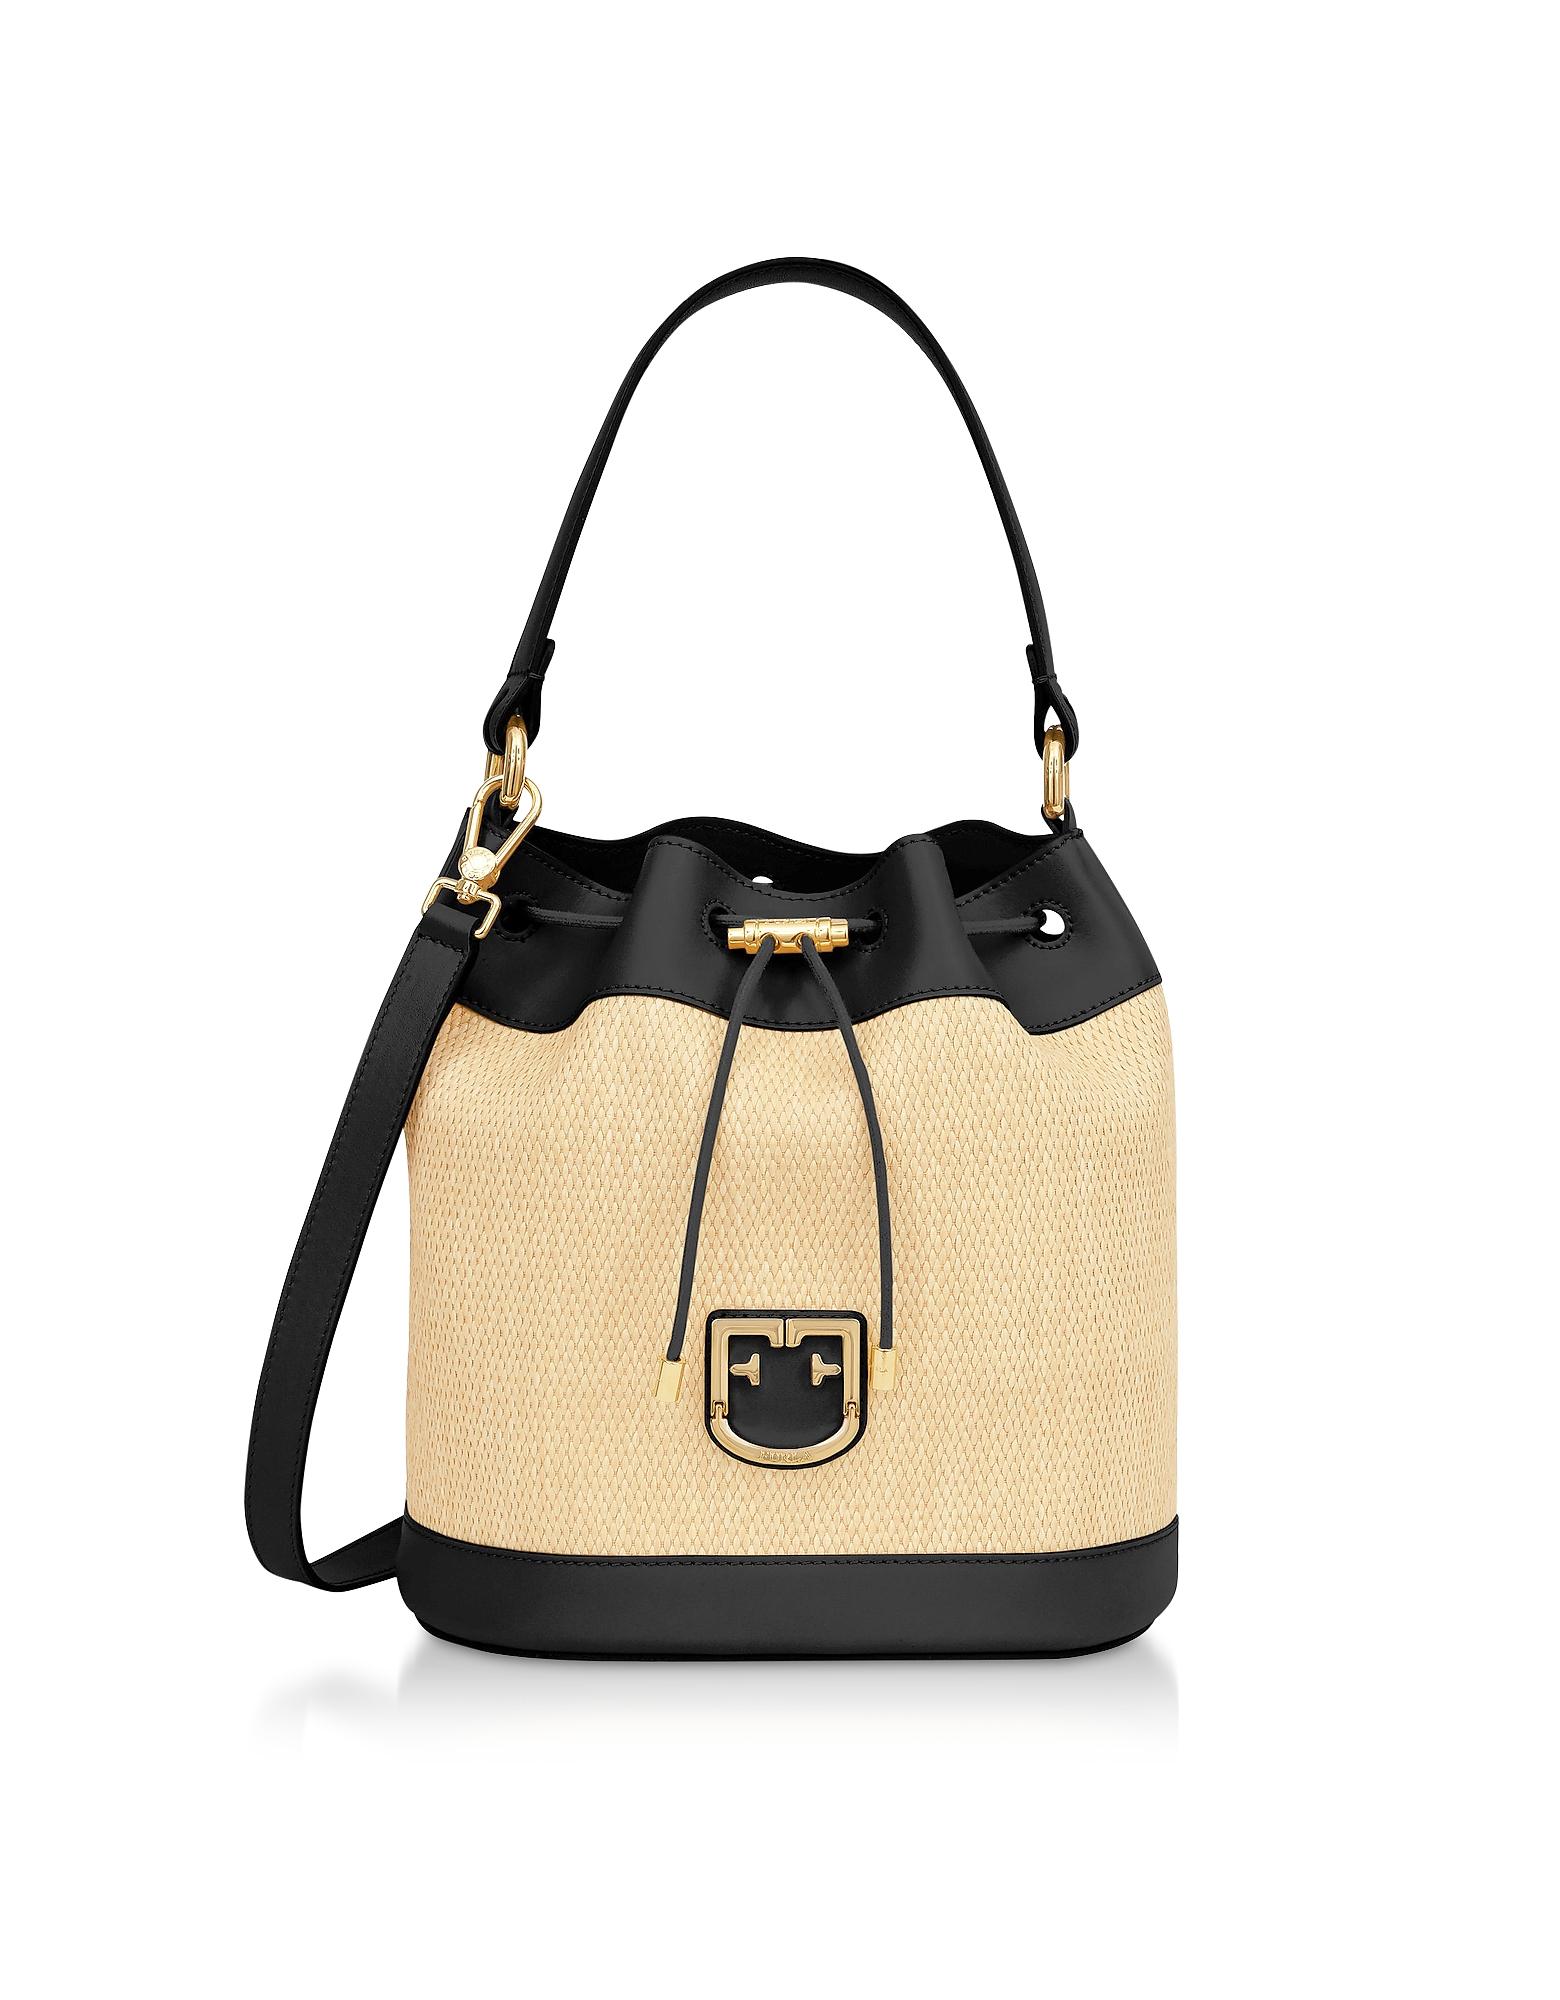 Corona S Drawstring Bucket Bag